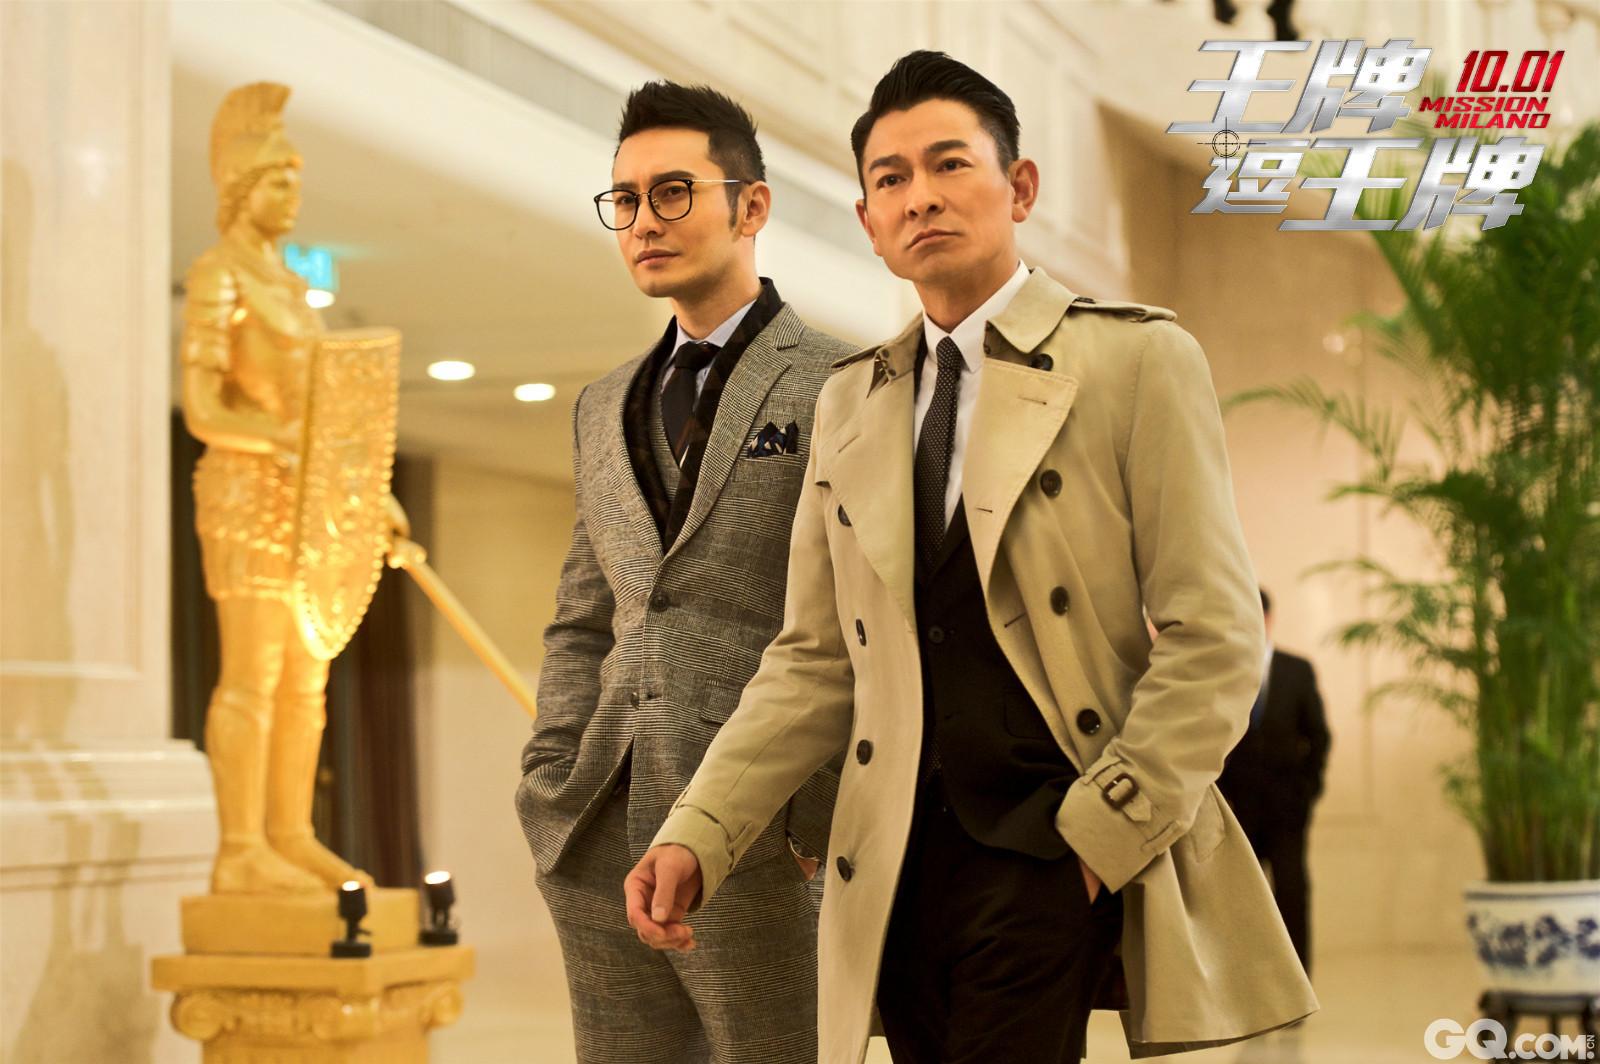 """片中两个人火热PK互不认输,但提到偶像刘德华,王祖蓝瞬间变成了迷弟:""""我自己就很帅了,但华哥更厉害!"""